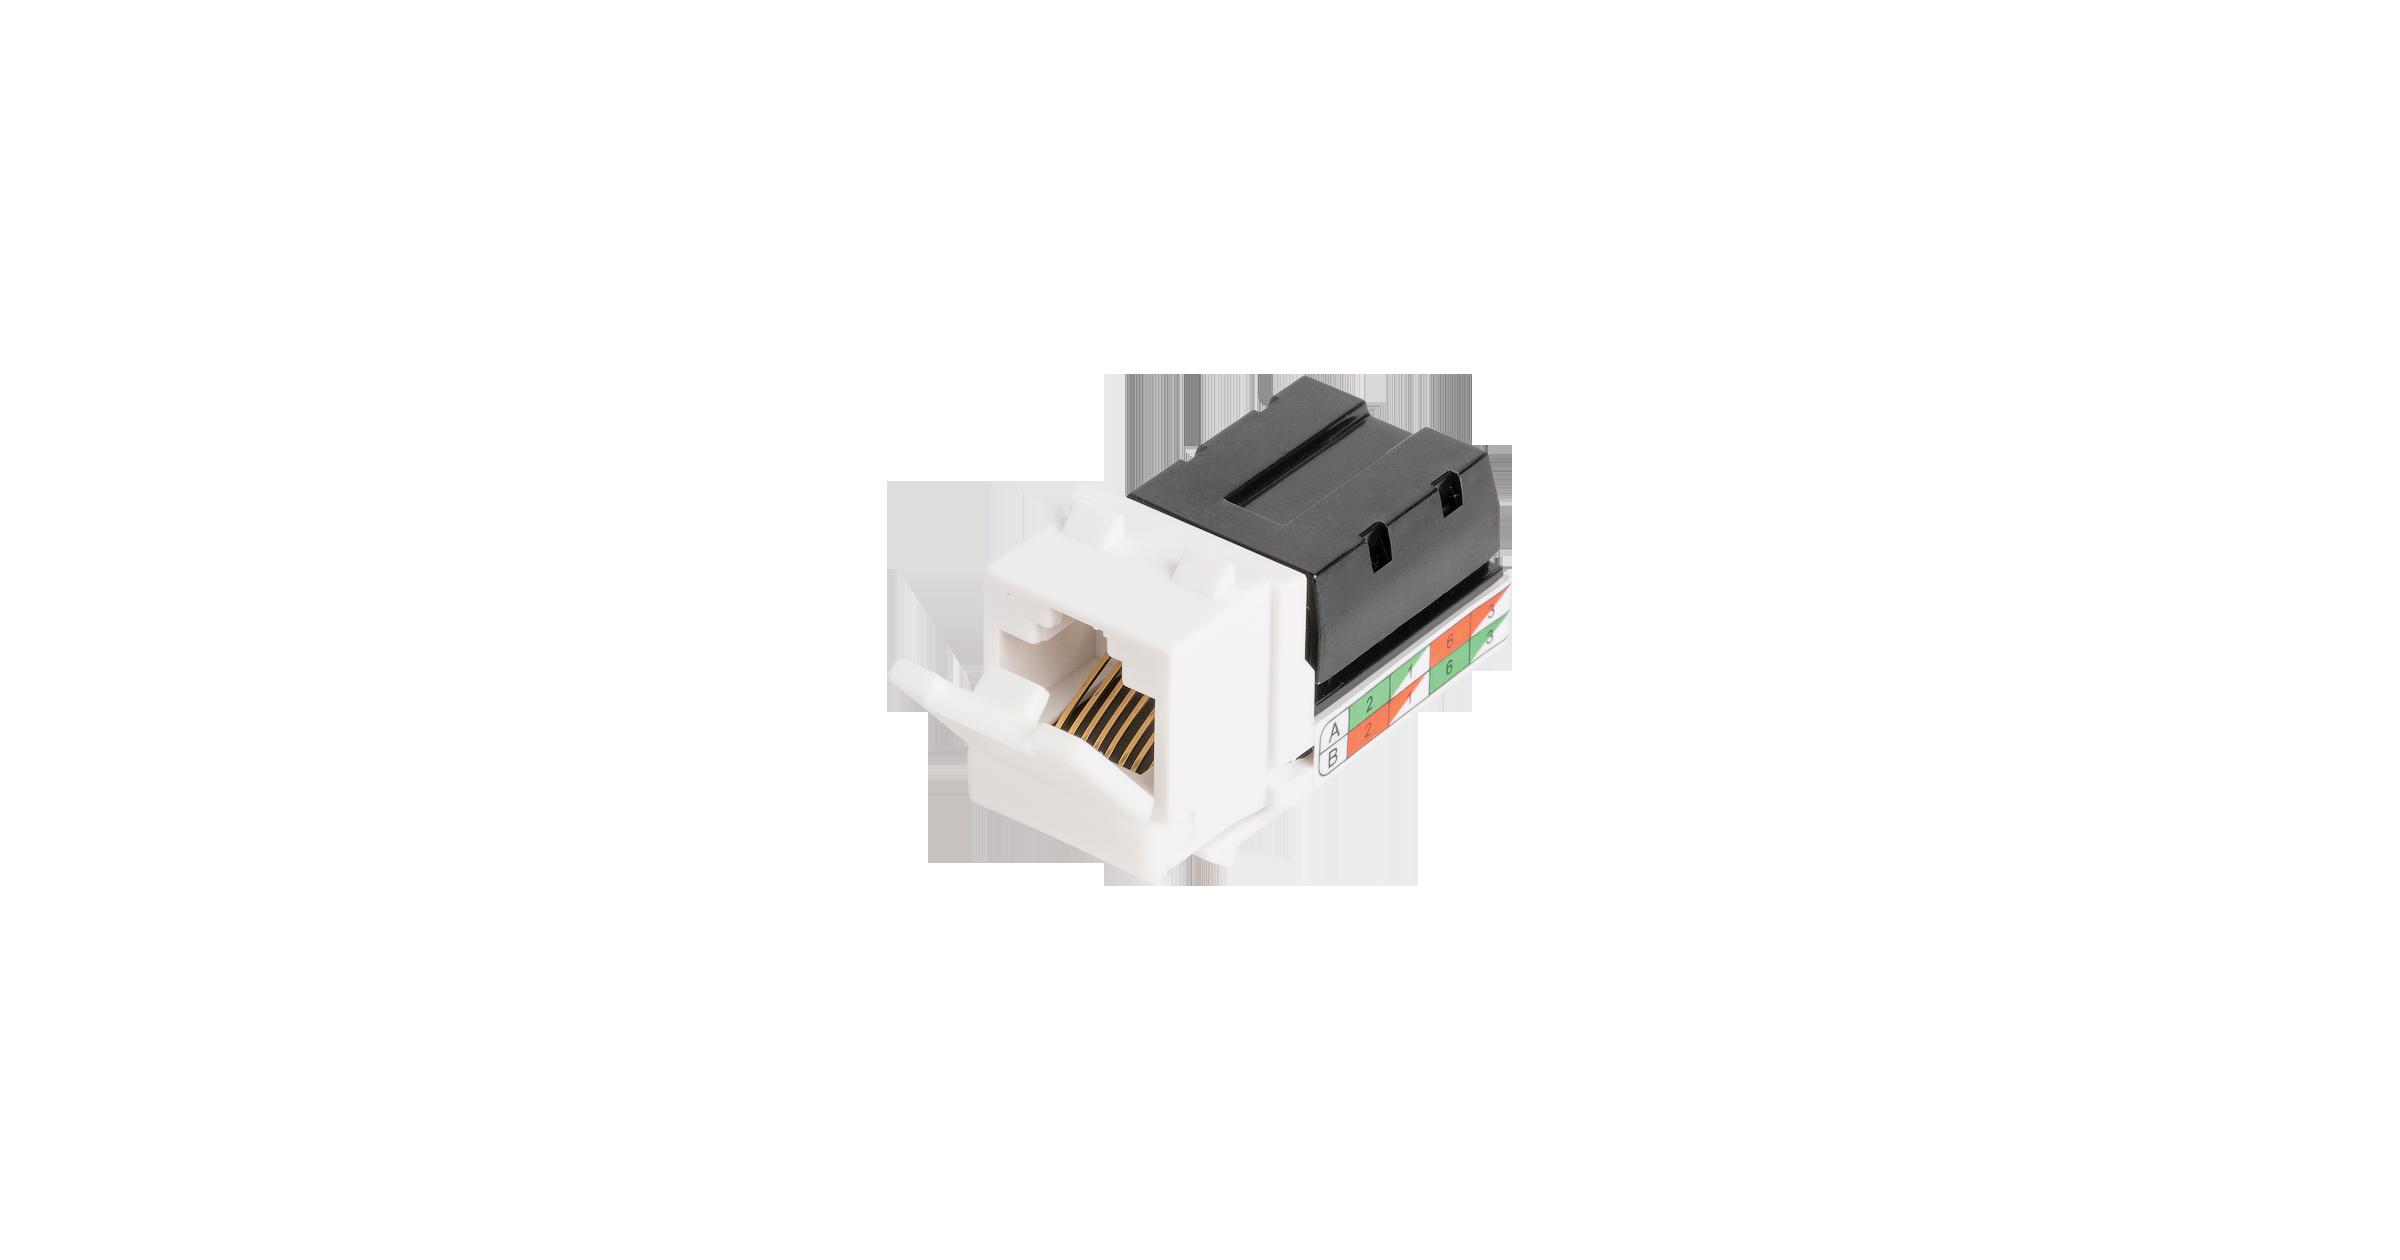 Модуль-вставка NIKOMAX типа Keystone, Кат.5е (Класс D), 100МГц, RJ45/8P8C, 110/KRONE, T568A/B, неэкранированный, белый - гарантия: 5 лет расширенная / 25 лет системная